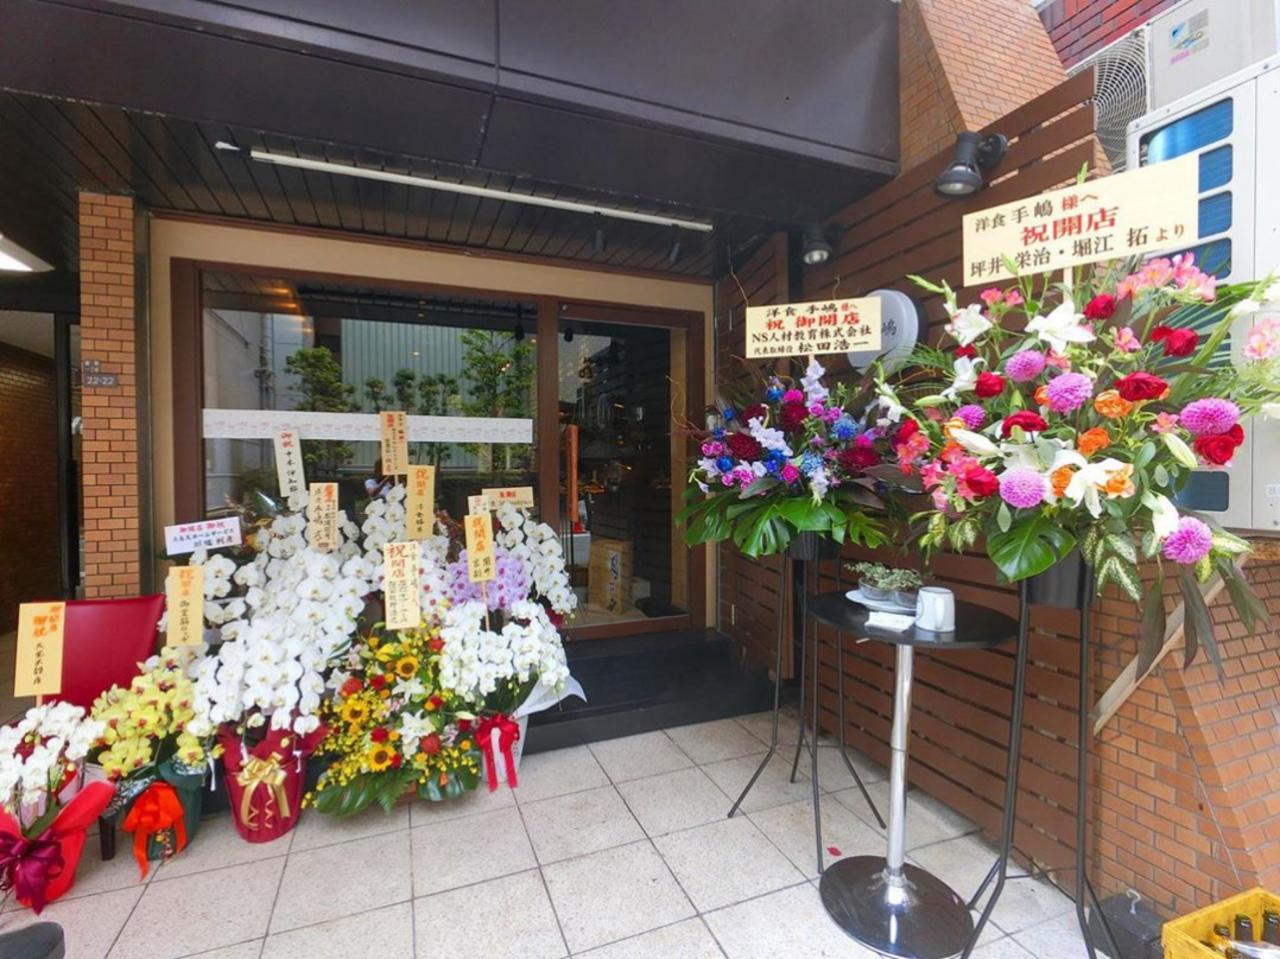 大阪新町の小さな洋食屋...大阪市西区新町1丁目の「洋食 手嶋」